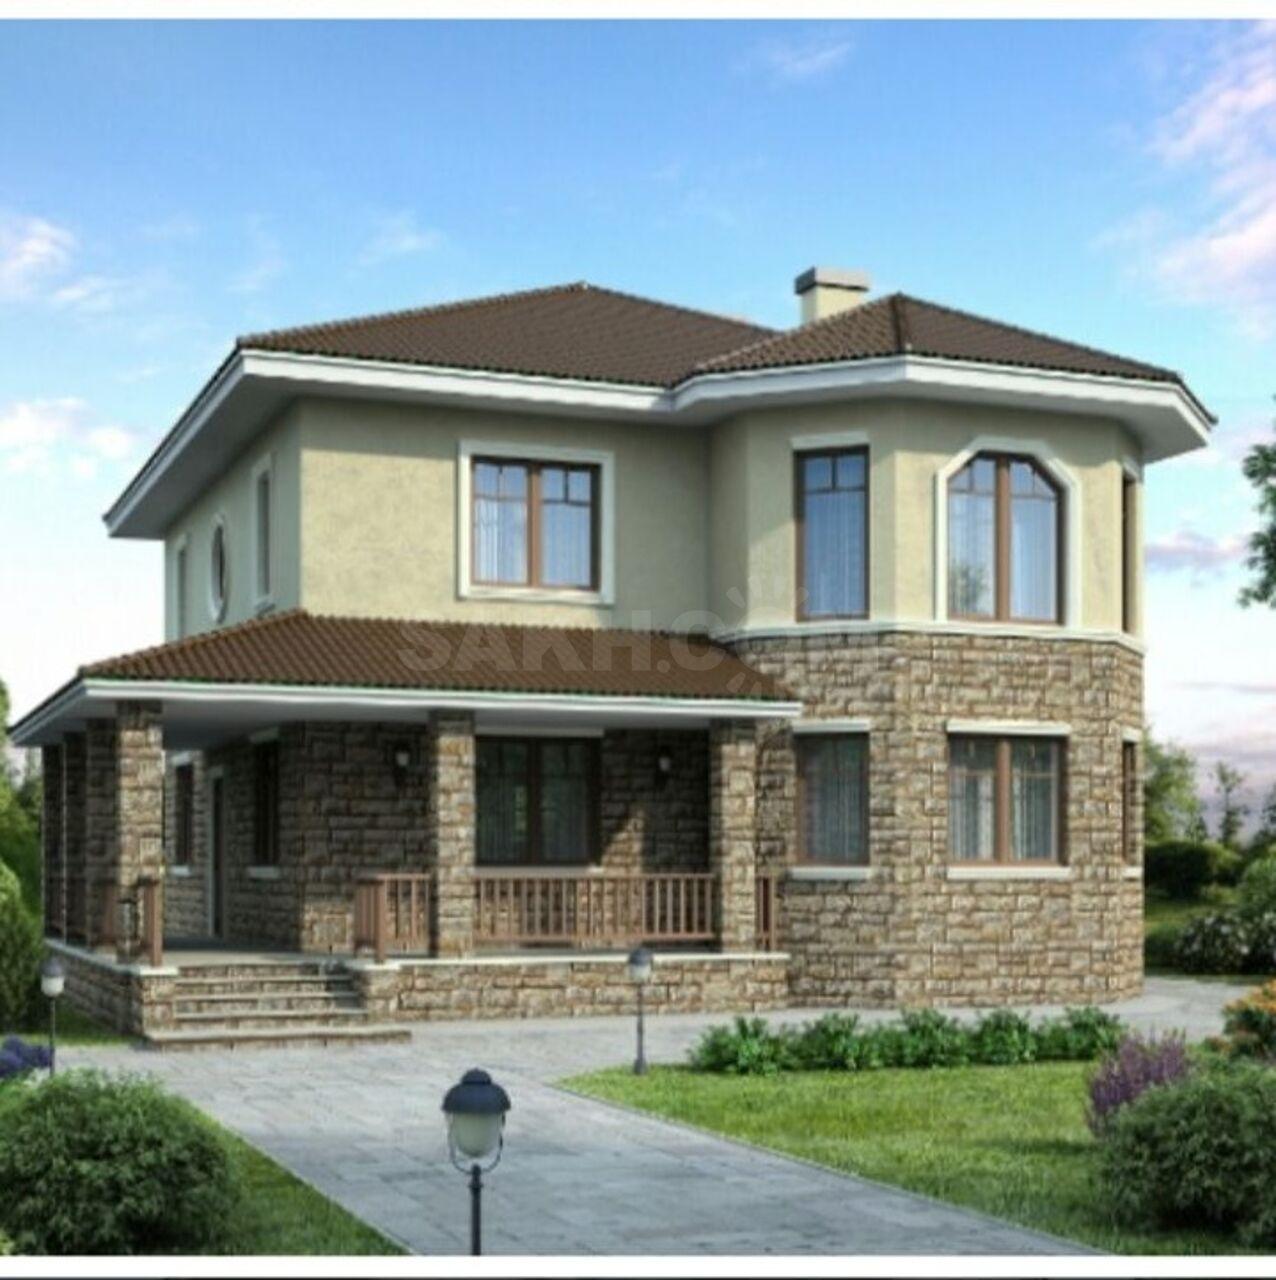 разные красивые двухэтажные дома фото проекты из кирпича вижу здесь царство